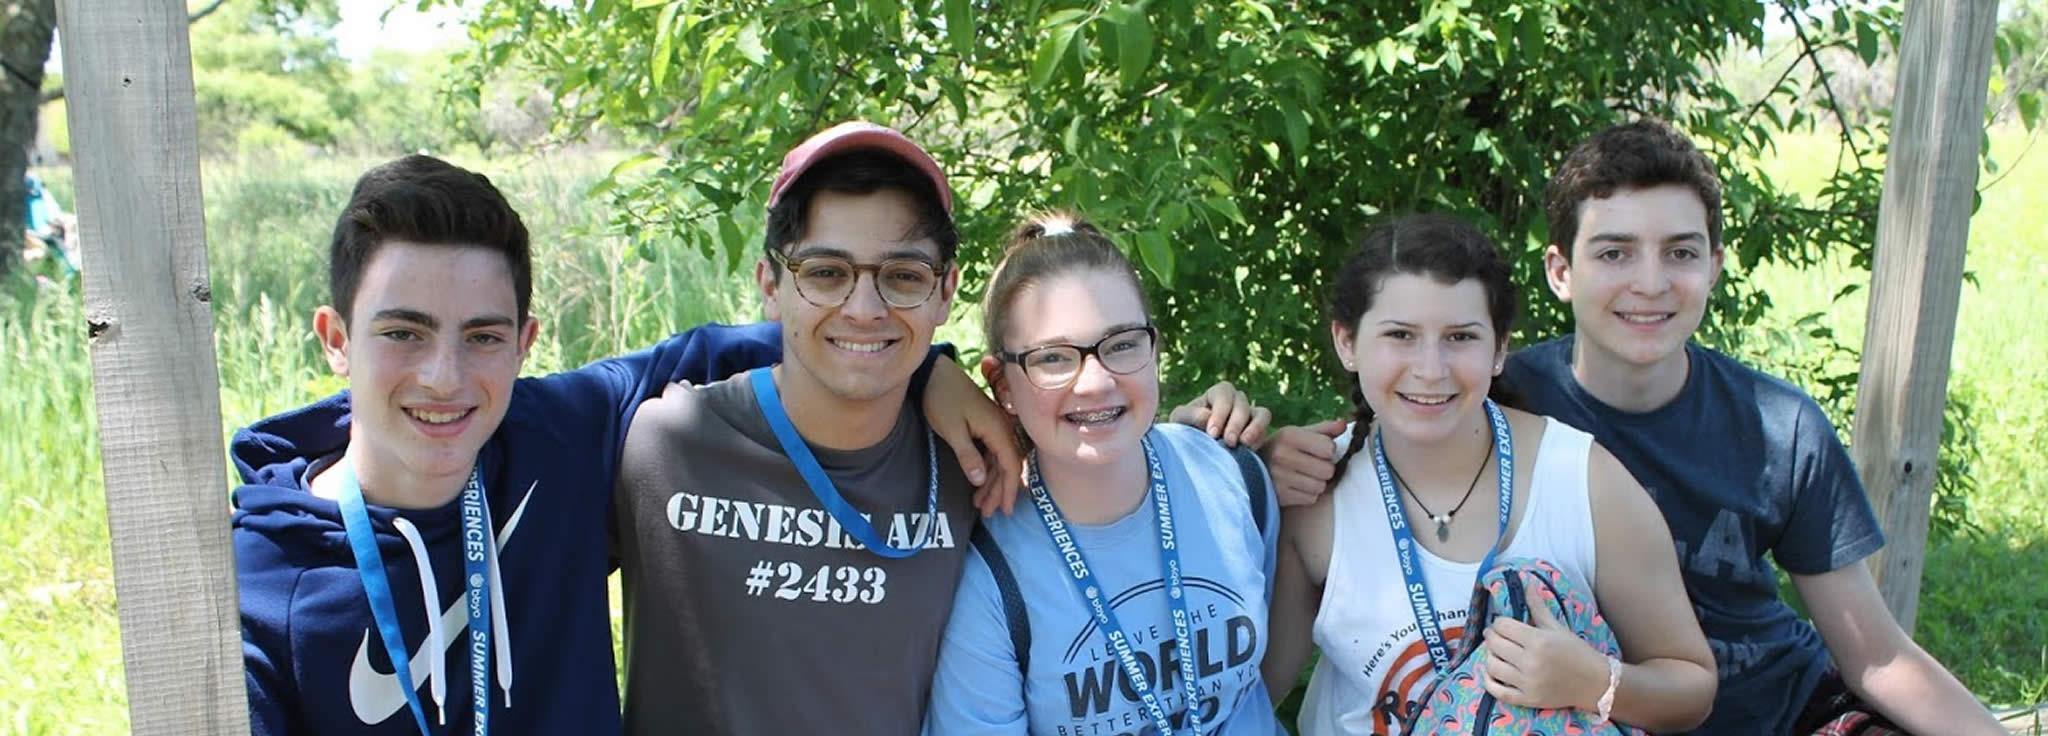 Summer Program - Jewish Culture | BBYO: CLTC at Beber Camp